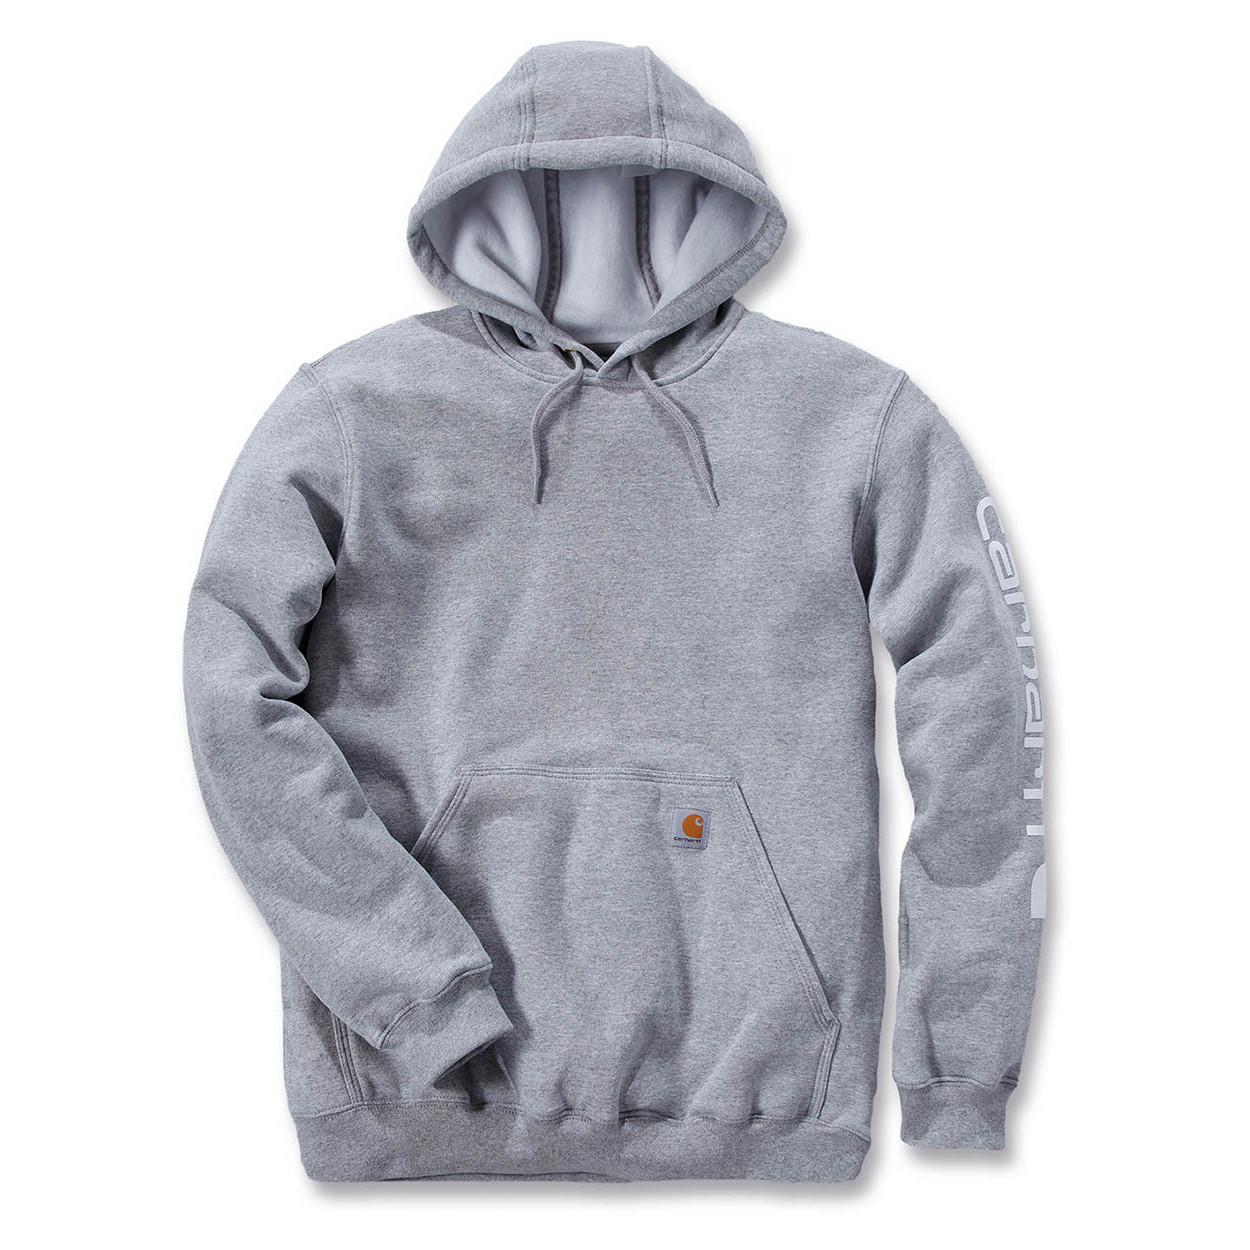 Худи Carhartt Sleeve Logo Hooded Sweatshirt - K288 (Heather Grey, XL)